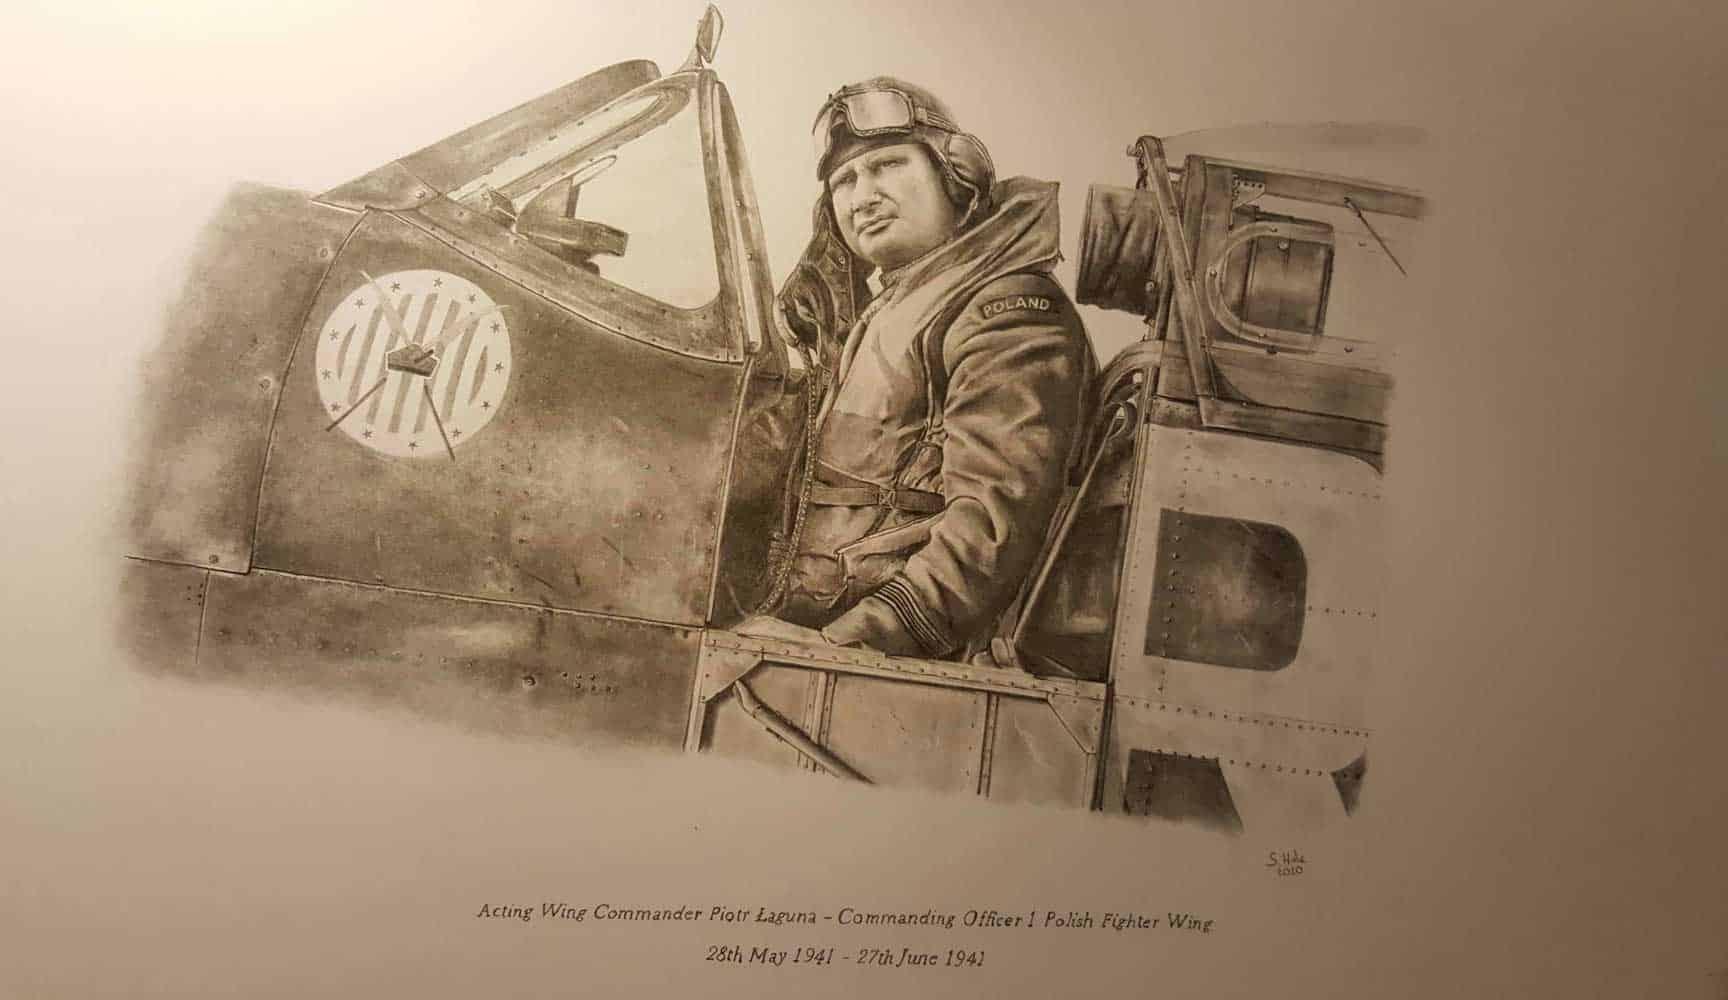 Laguna sketch of him sitting in Spitfire cockpit